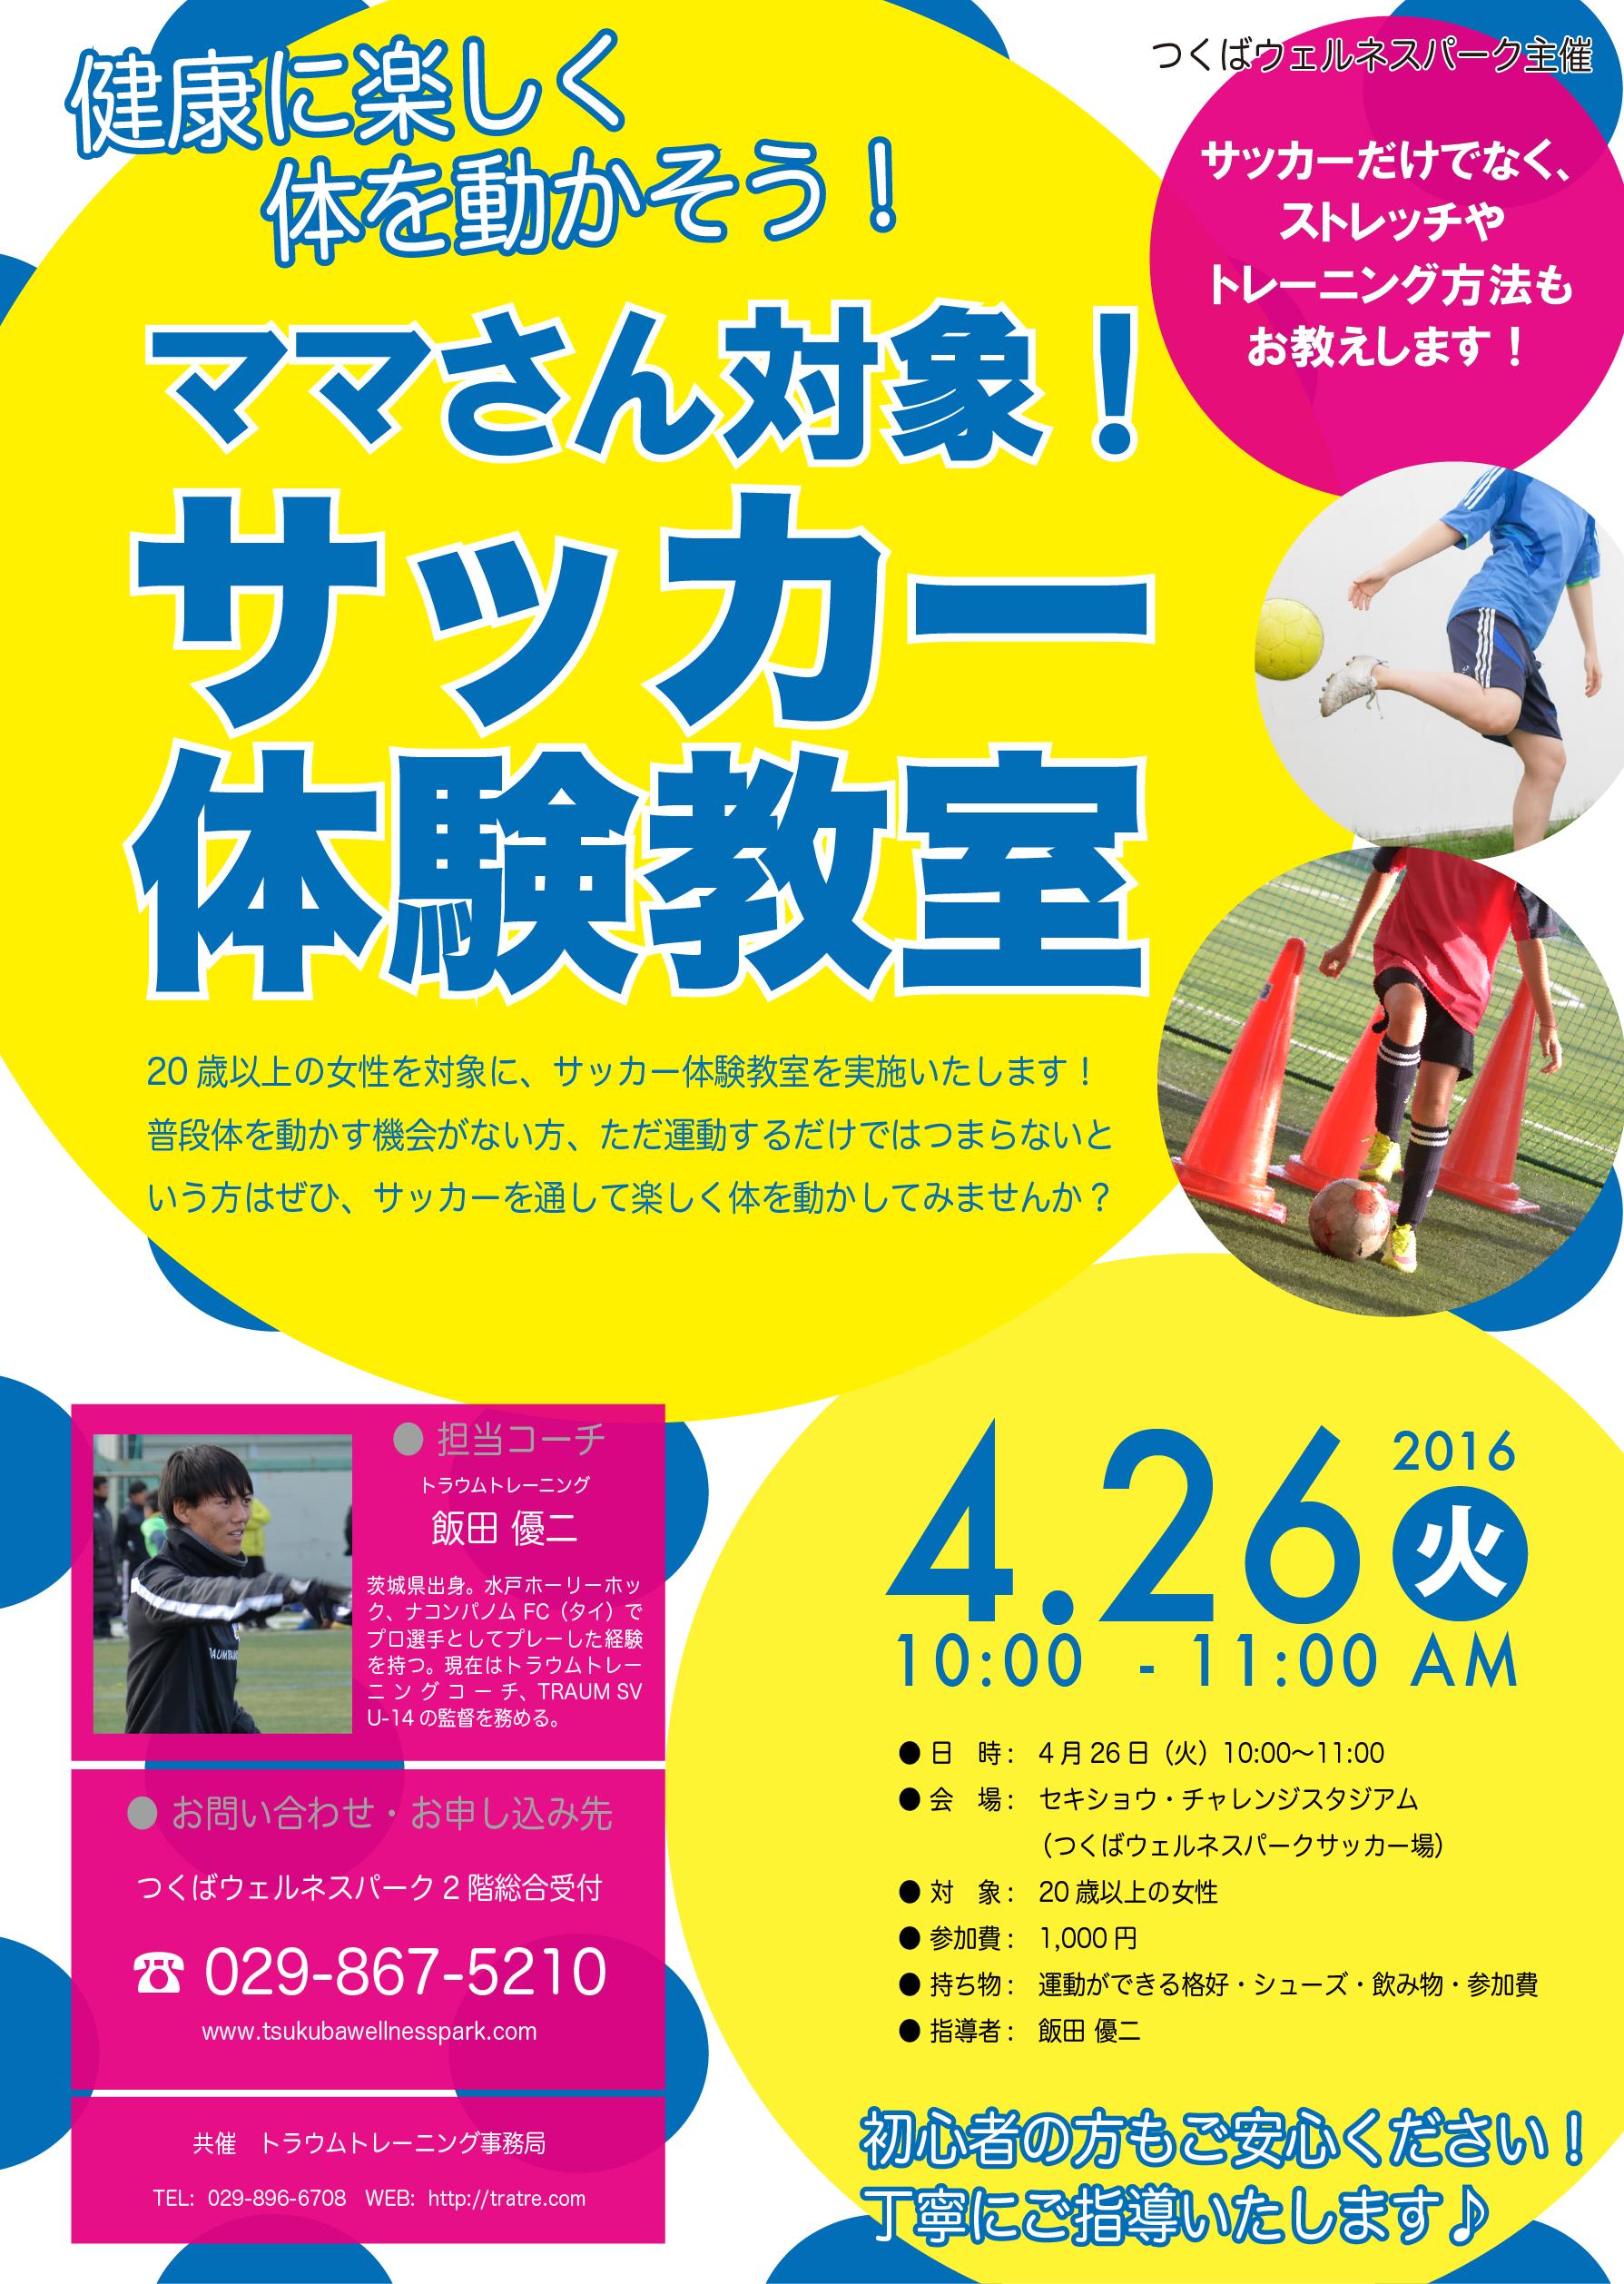 ママさんサッカー体験教室ちらし-01 (2)